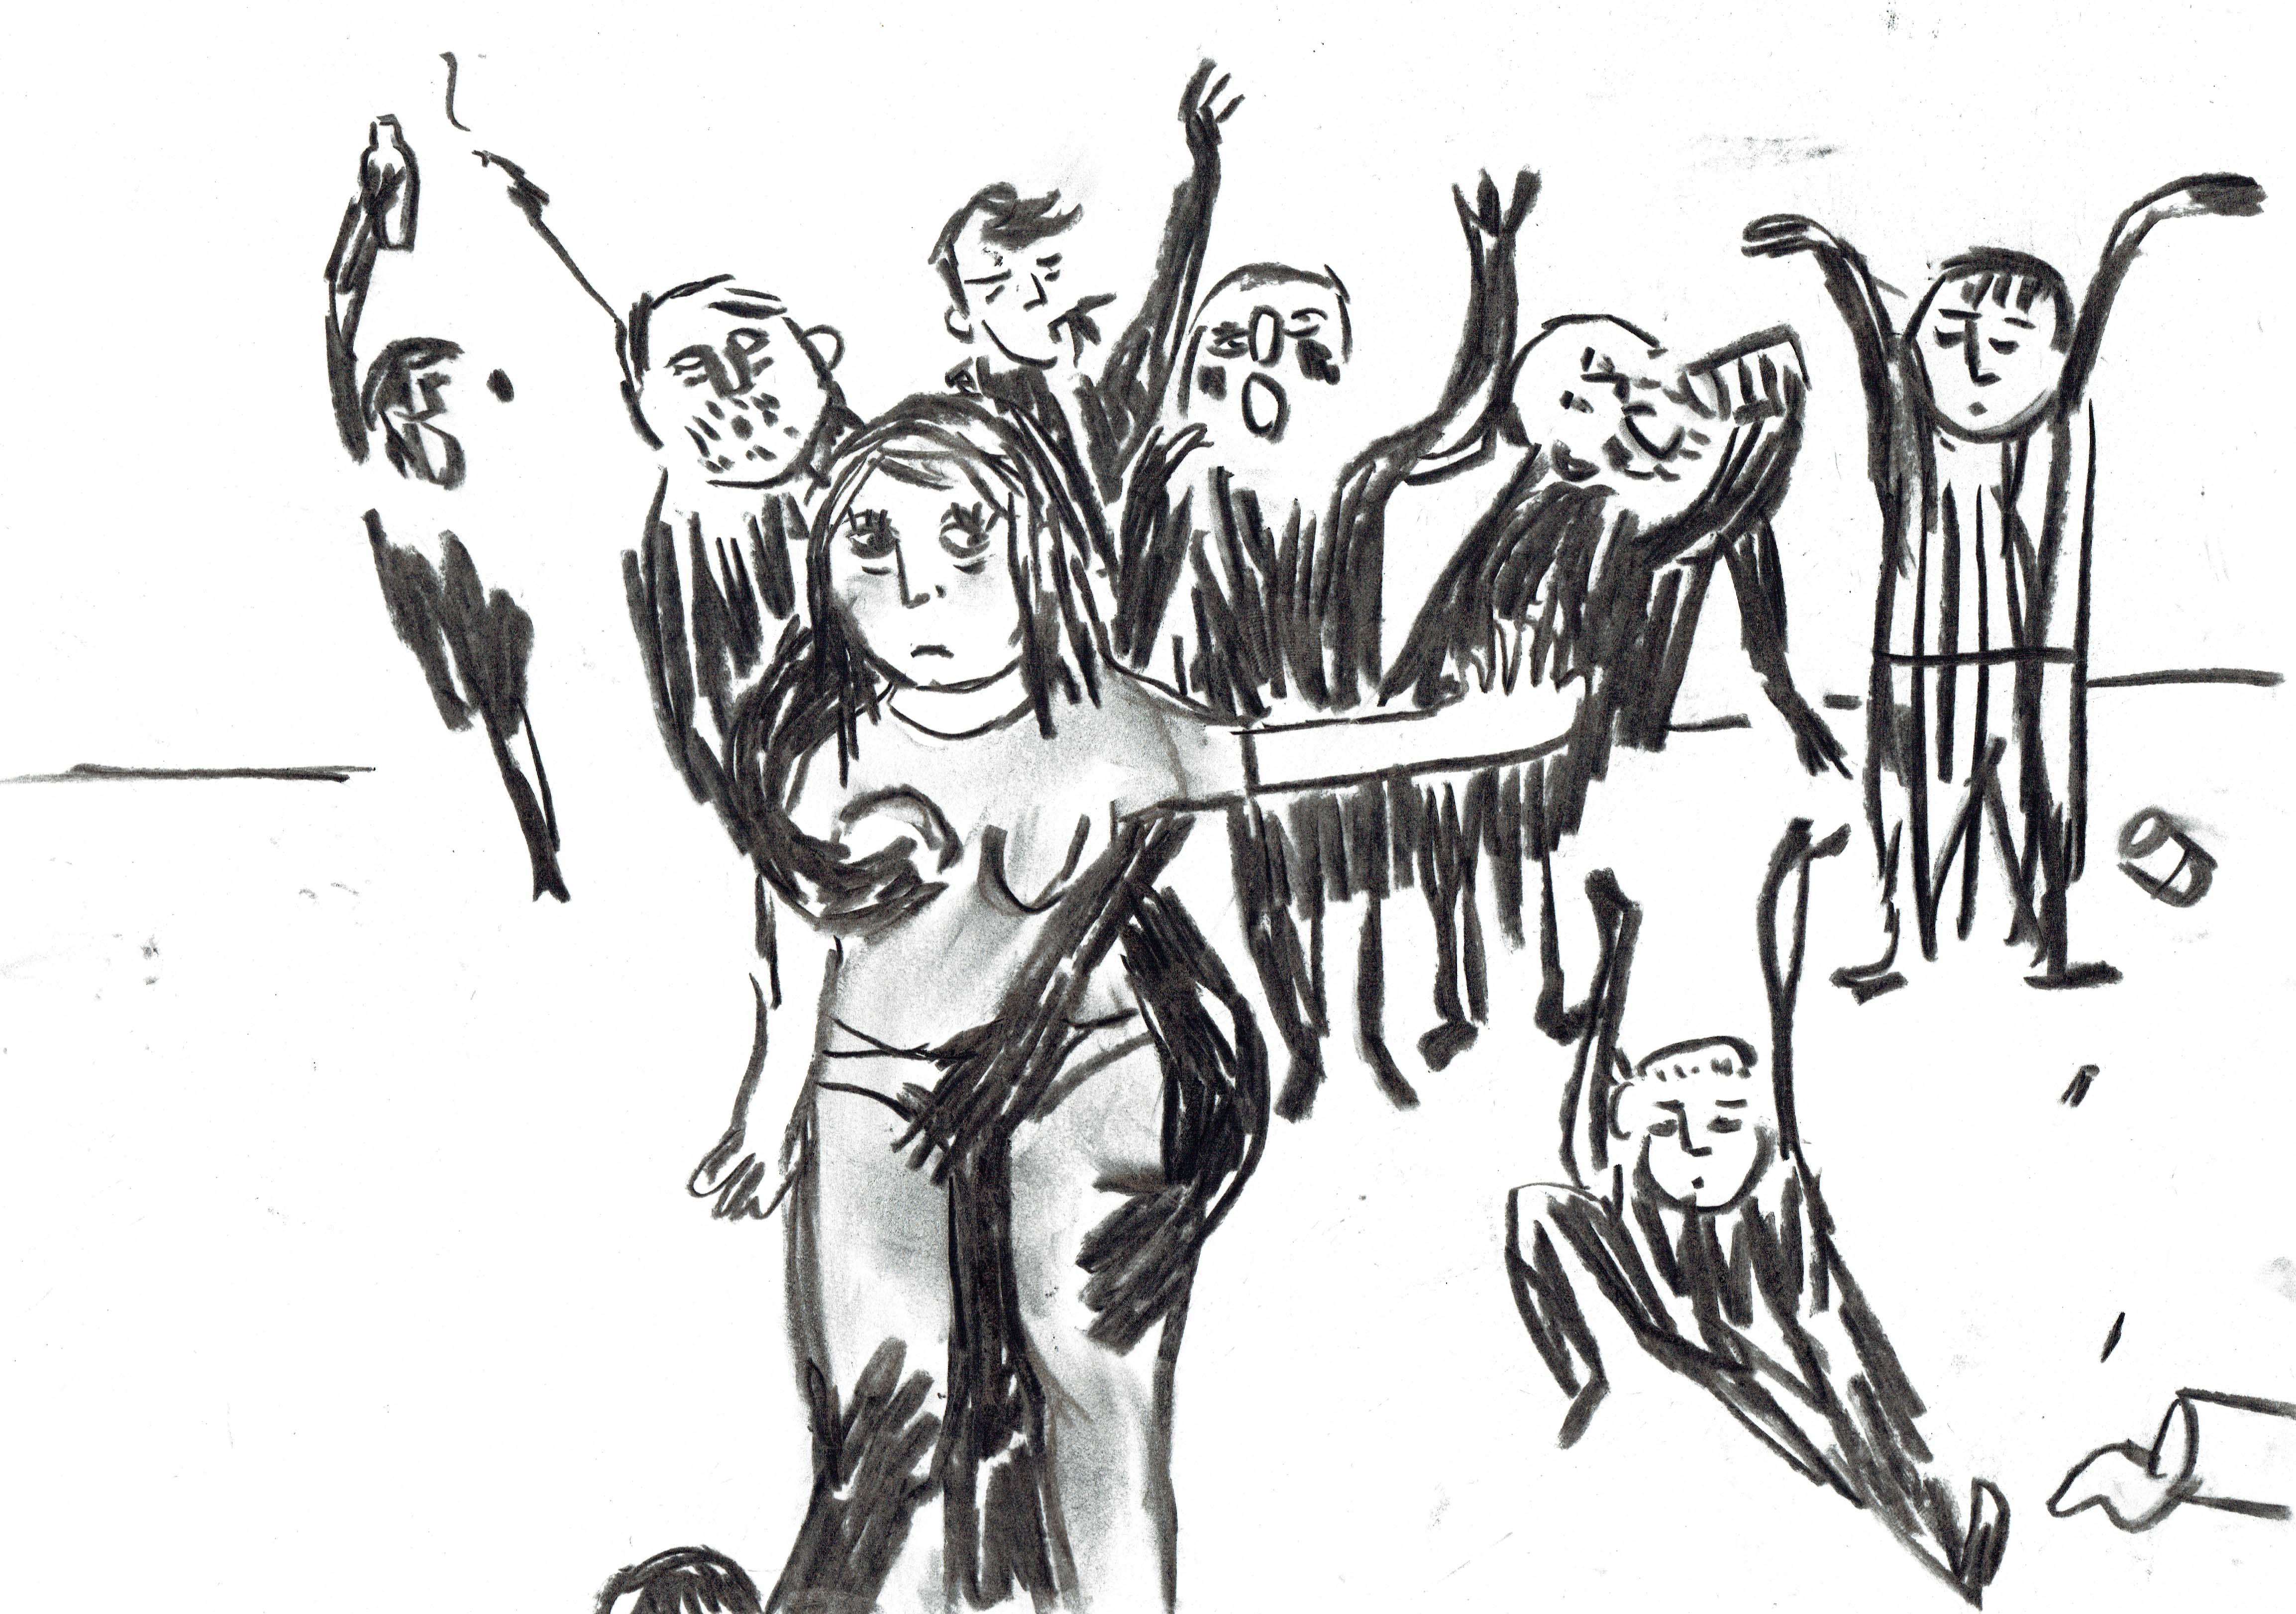 Sur un fond blanc, au trait noir épais, dessiné avec beaucoup de de lignes droites et d'angles. Au centre d'une foule de personnages en noirs, une femme, vêtue de gris, se fait attoucher par pleins de mains qui ne semblent appartenir à personne.